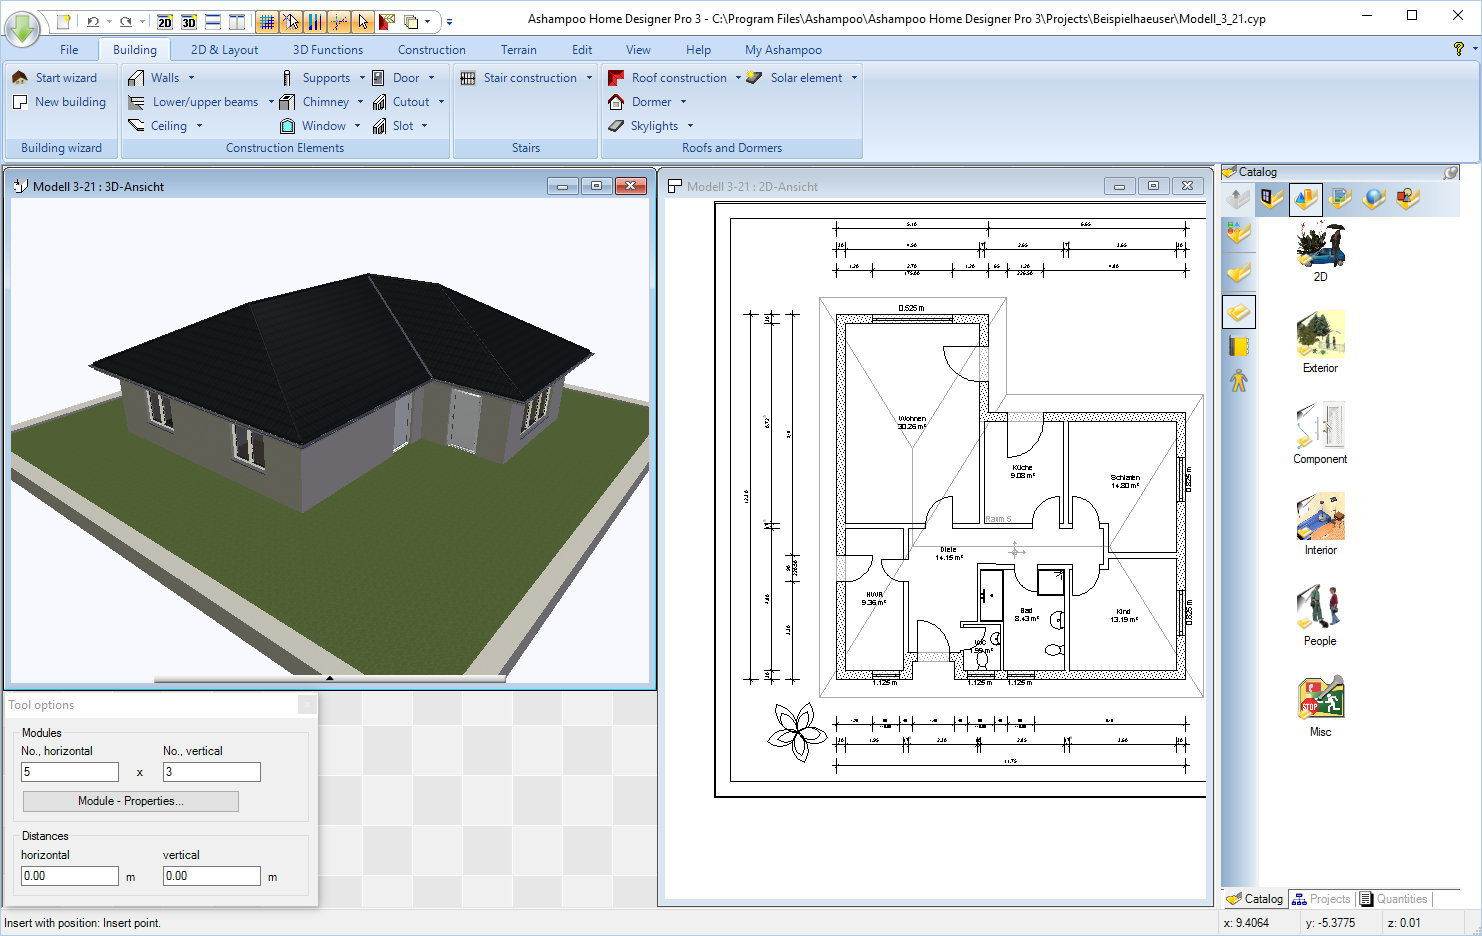 Ashampoo Home Designer Pro 3,Ashampoo Home Designer